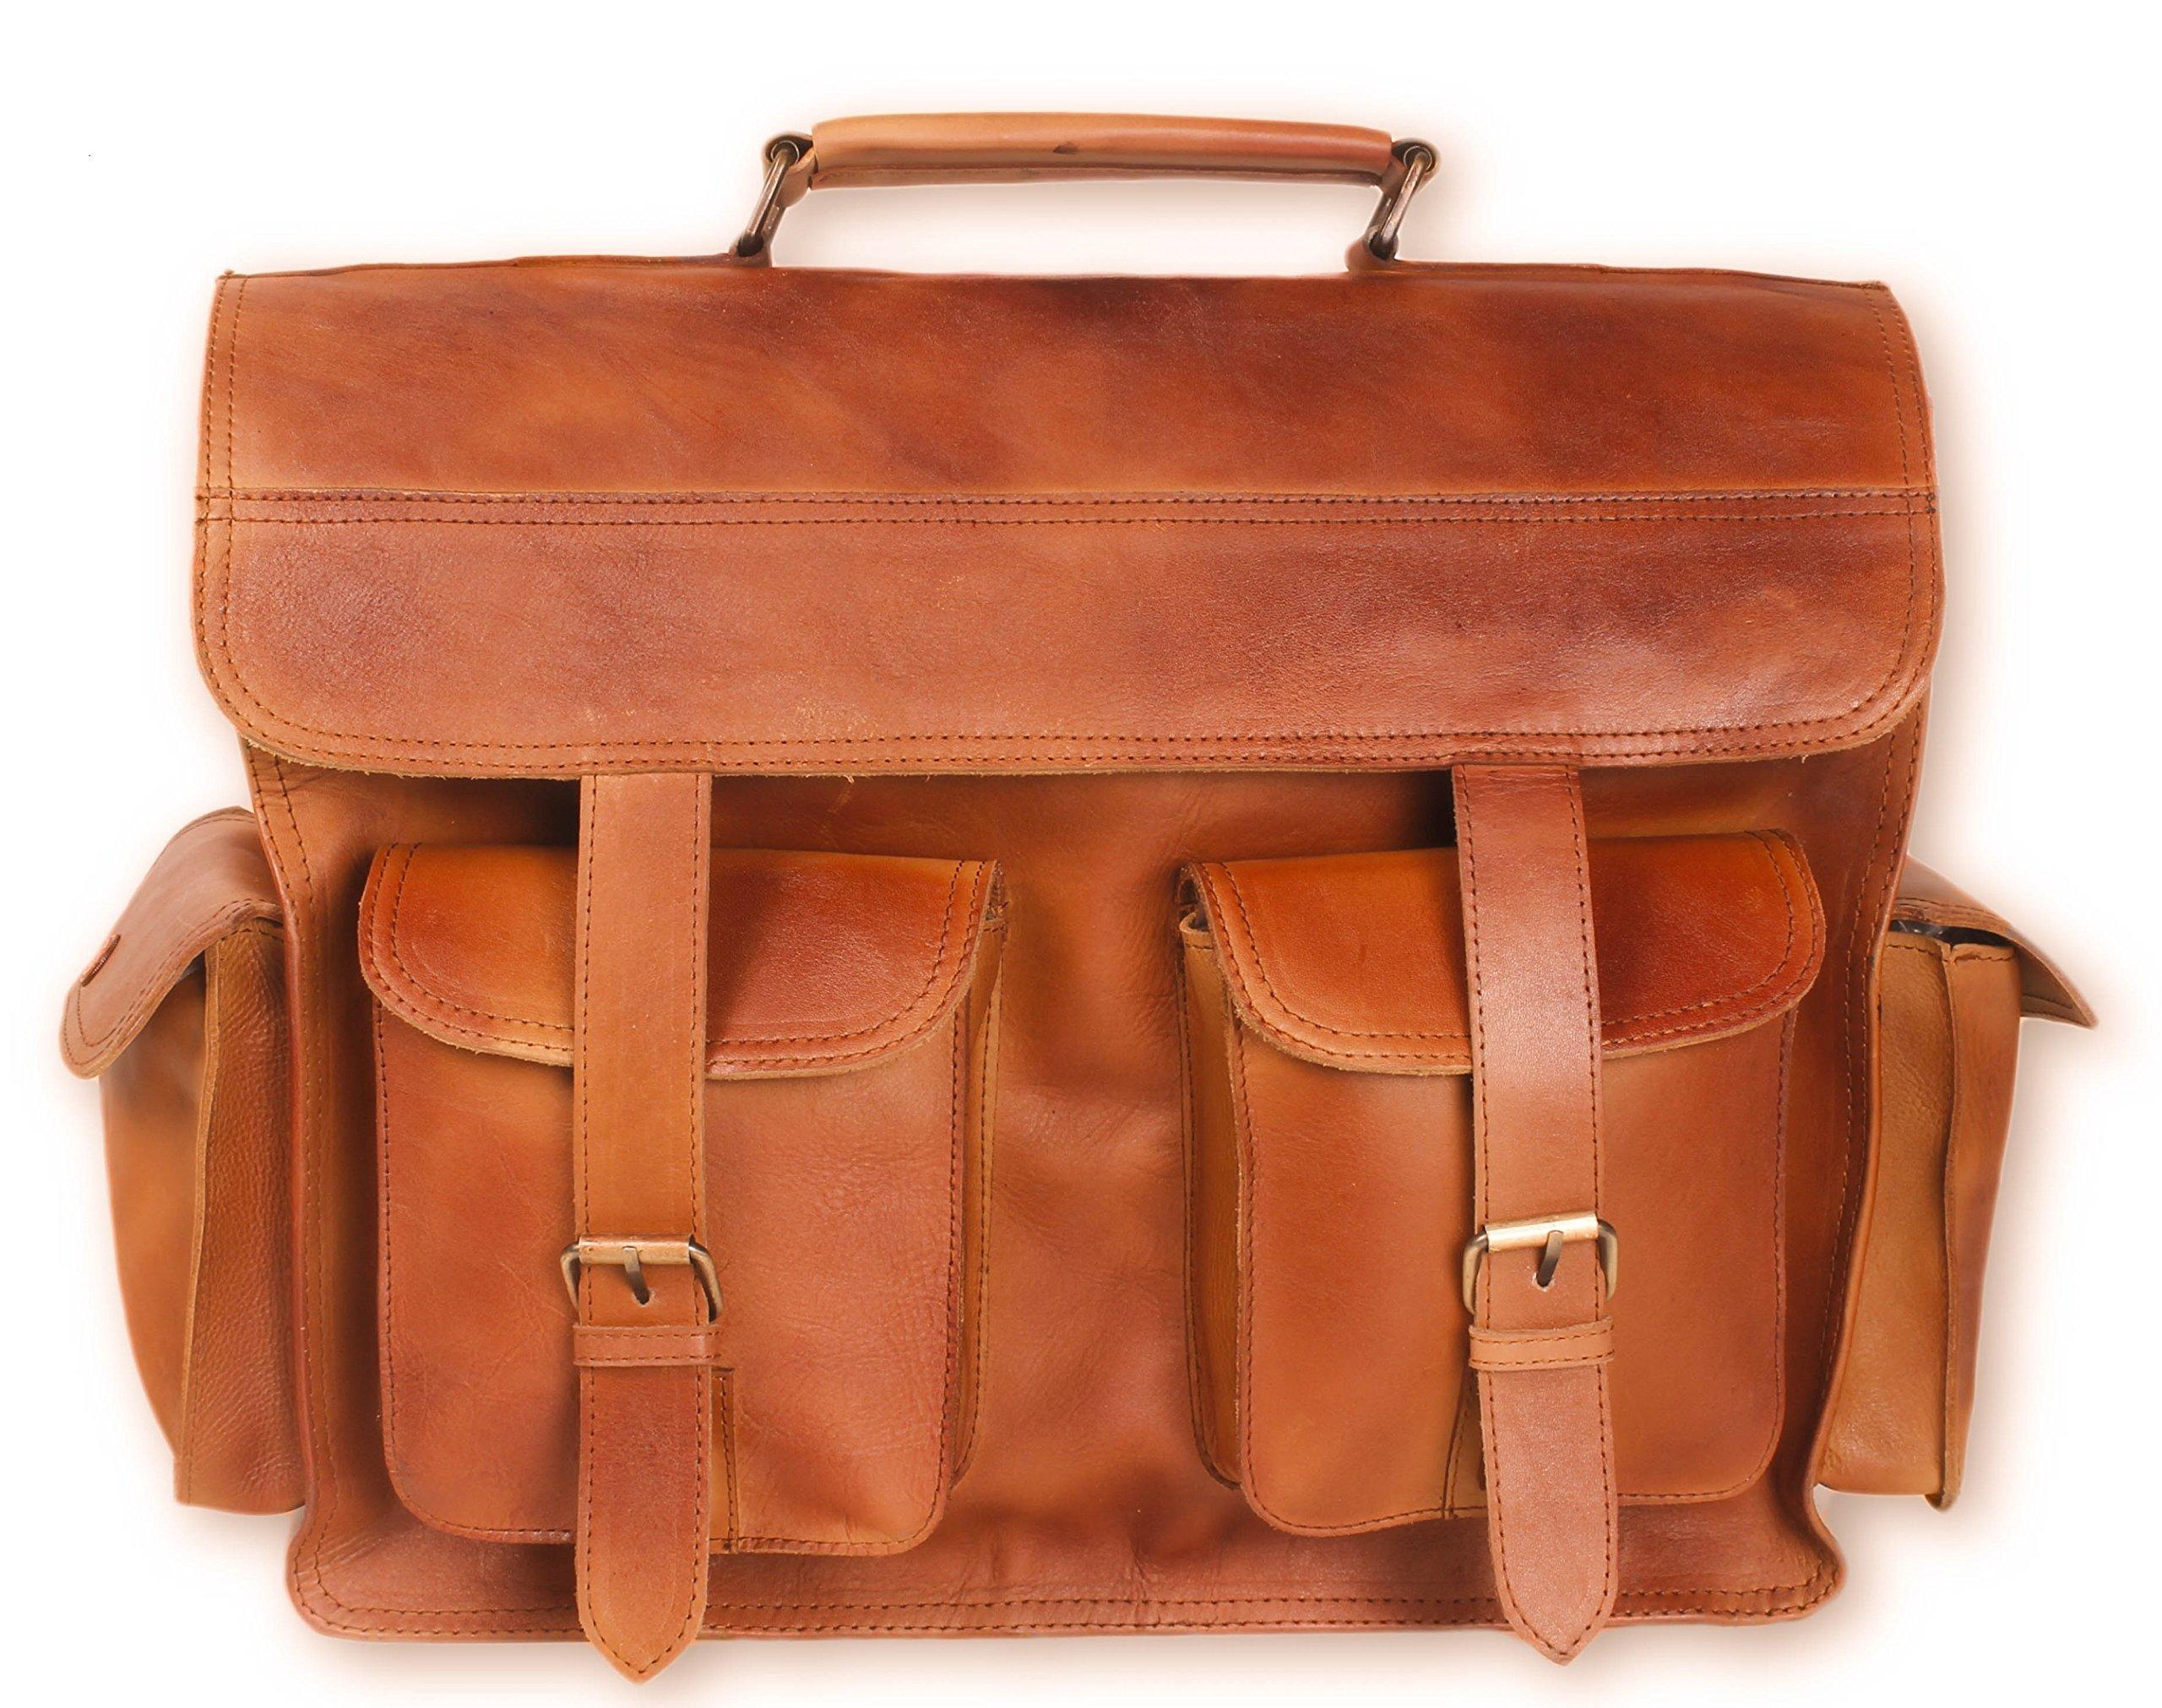 Artishus Vintage Handmade Leather Messenger Bag for Laptop | Briefcase Satchel Bag